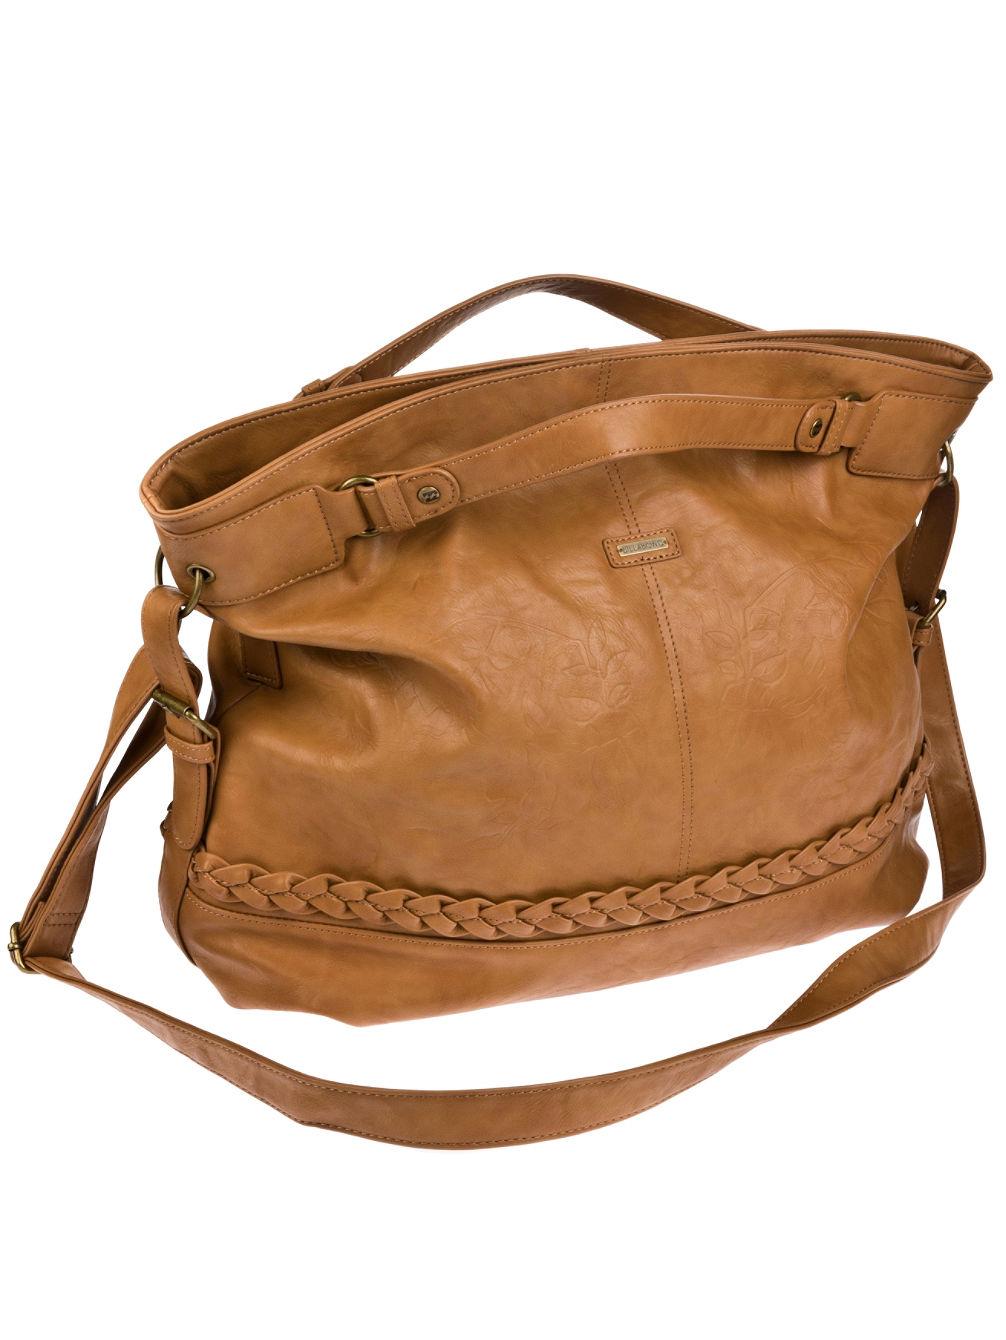 7d093541f3901 Billabong Talk To The Palm Handtasche online kaufen bei Blue Tomato